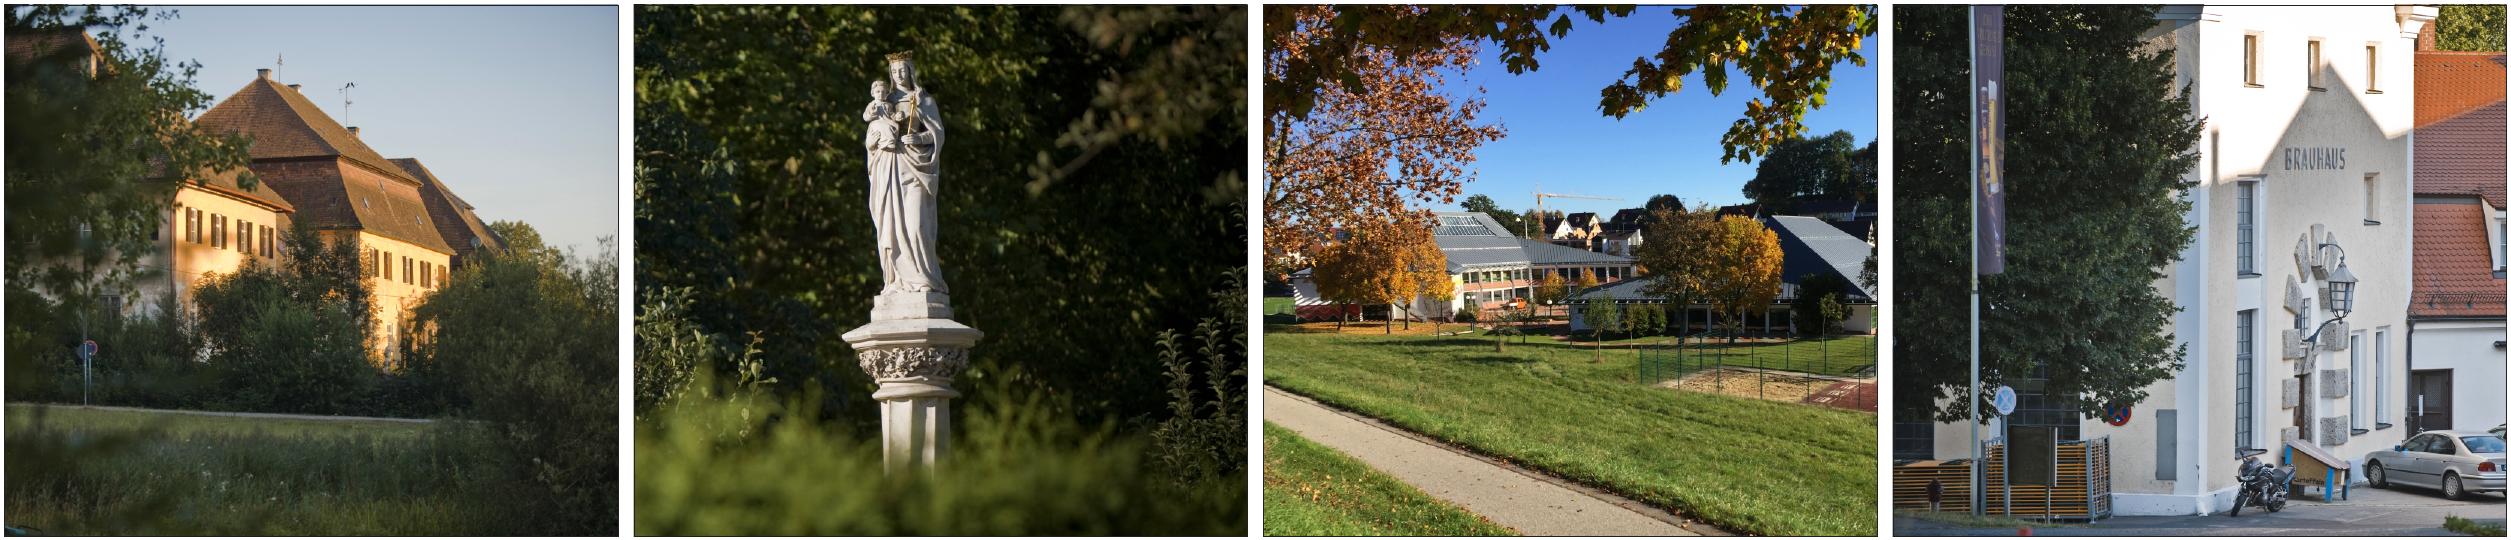 """Kultur und Brauchtum haben Scheyern weit über seine Grenzen hinaus bekannt gemacht. Besondere Wanderwege wie der """"Benediktusweg"""", der """"Keltenweg"""" oder der """"Planetenweg"""", der am Eingang zum Prielhof beginnt (Bild links) bieten einen hohen Freizeitwert. Bierliebhaber lockt die Klosterbrauerei, (rechts) die nach alten Rezepten Bier herstellt. Fotos: Gemeinde Scheyern"""